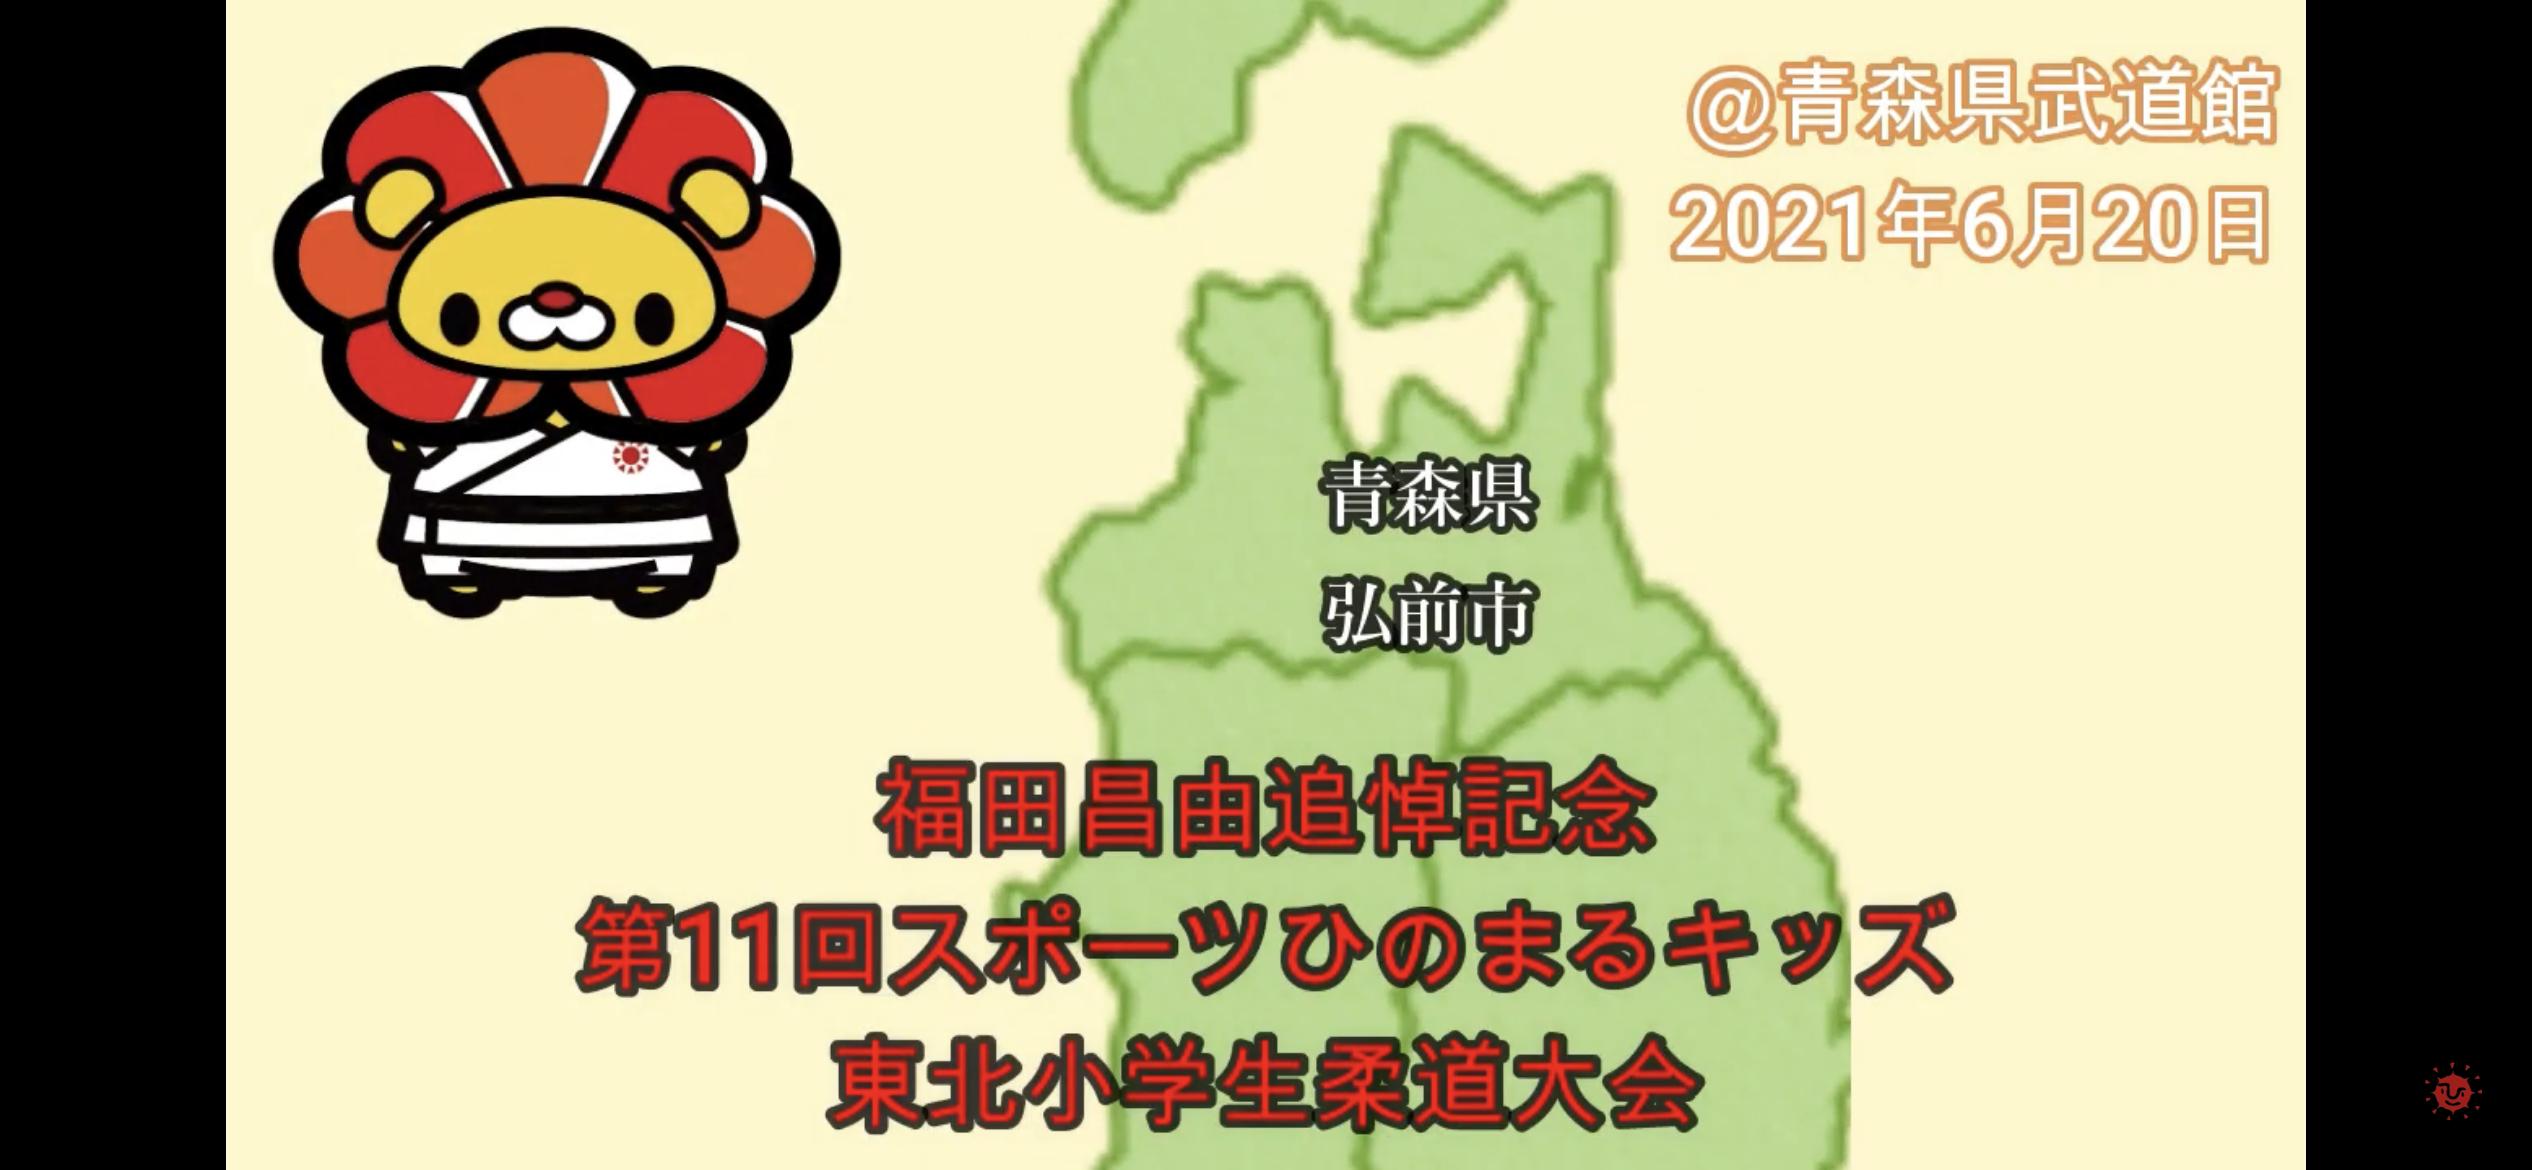 福田昌由追悼記念 第11回 スポーツひのまるキッズ 東北小学生柔道大会(青森県弘前市)